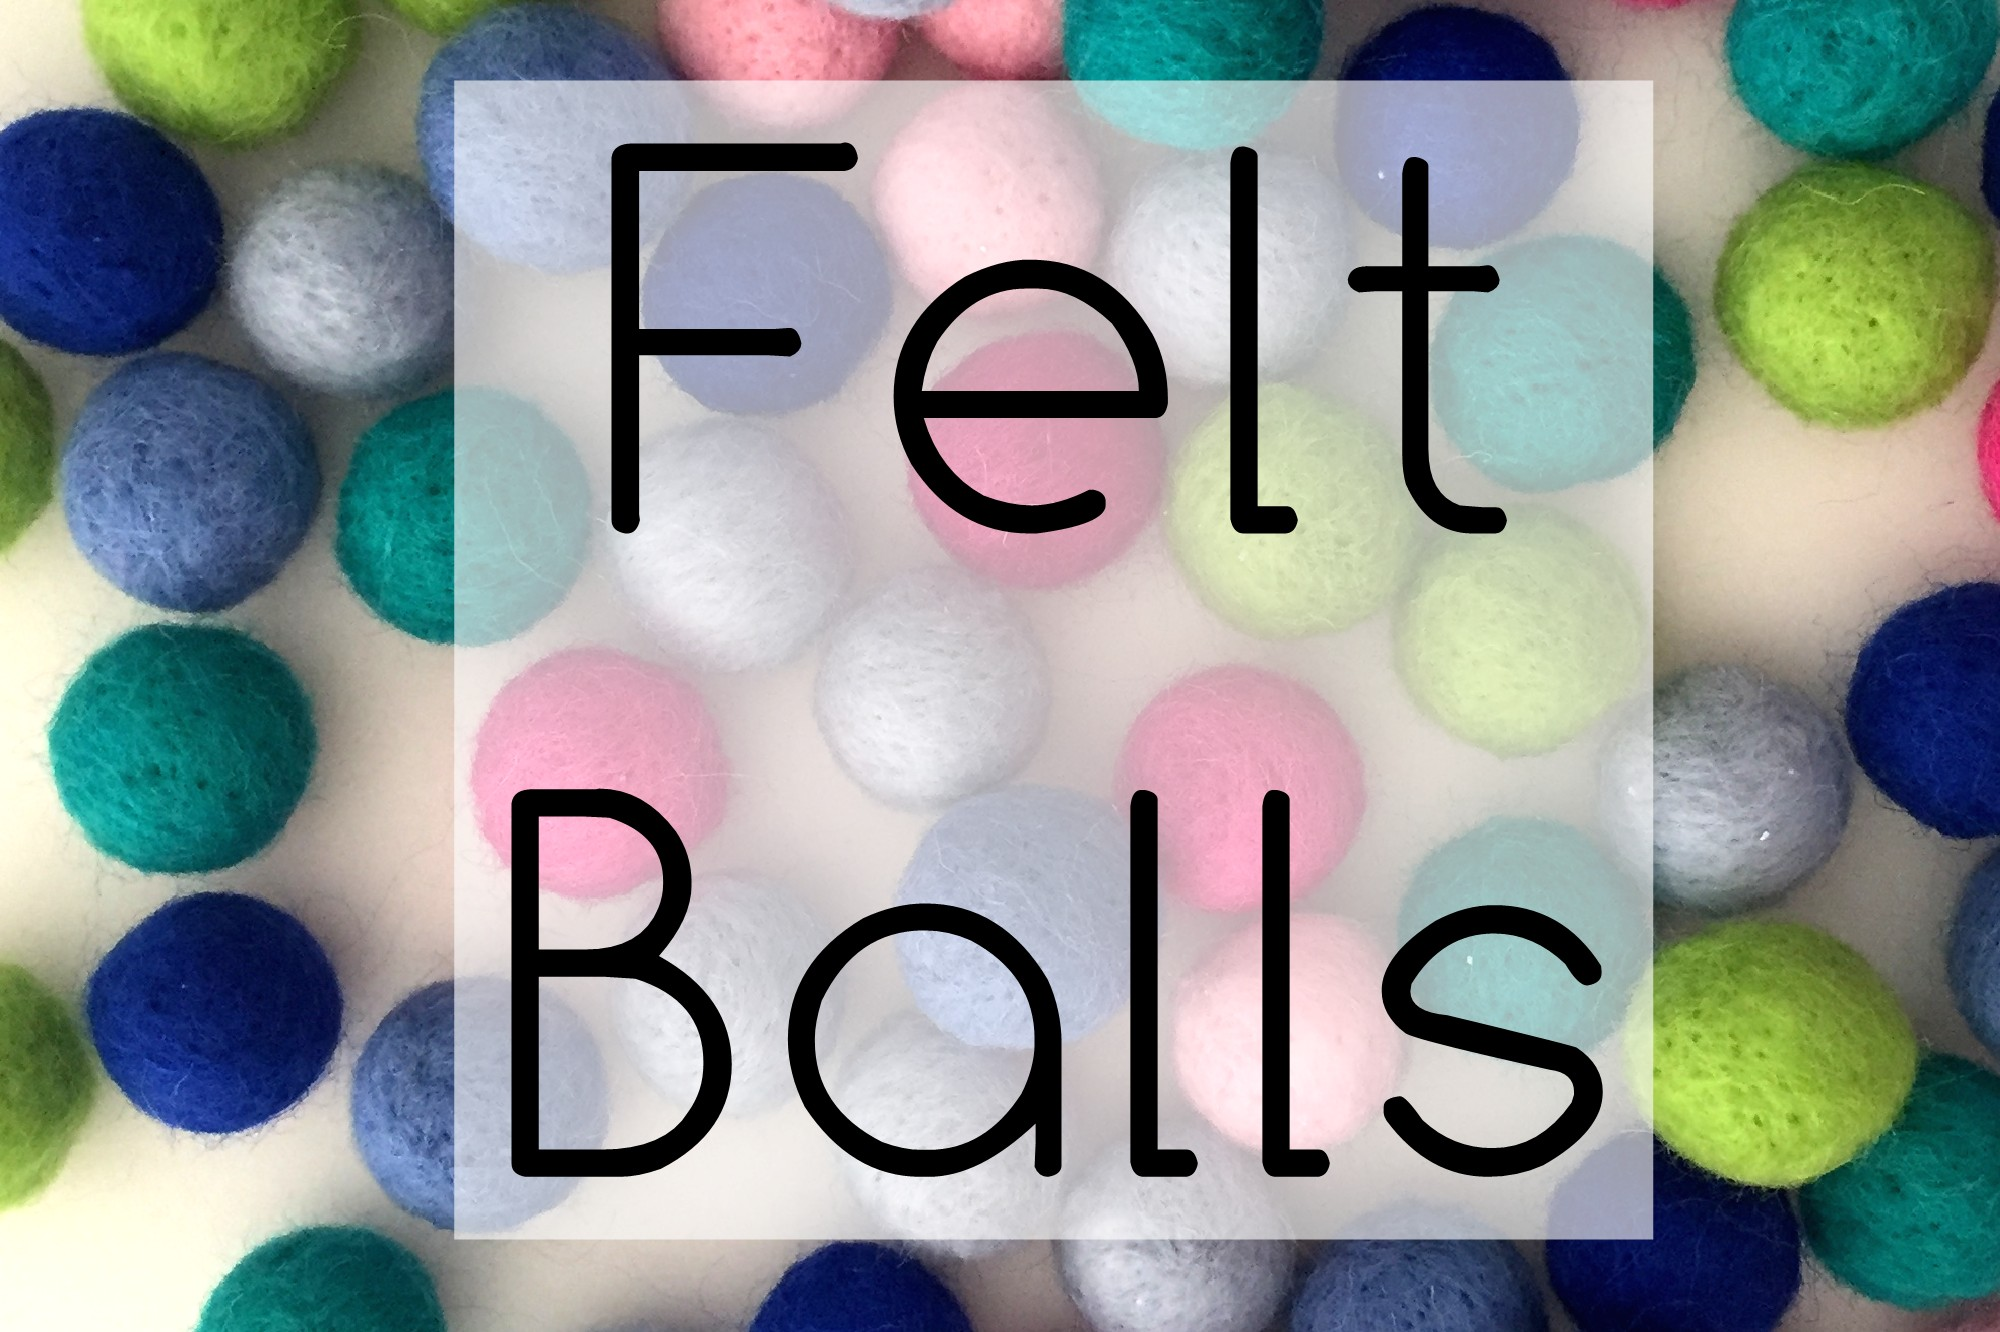 feltballs.jpg